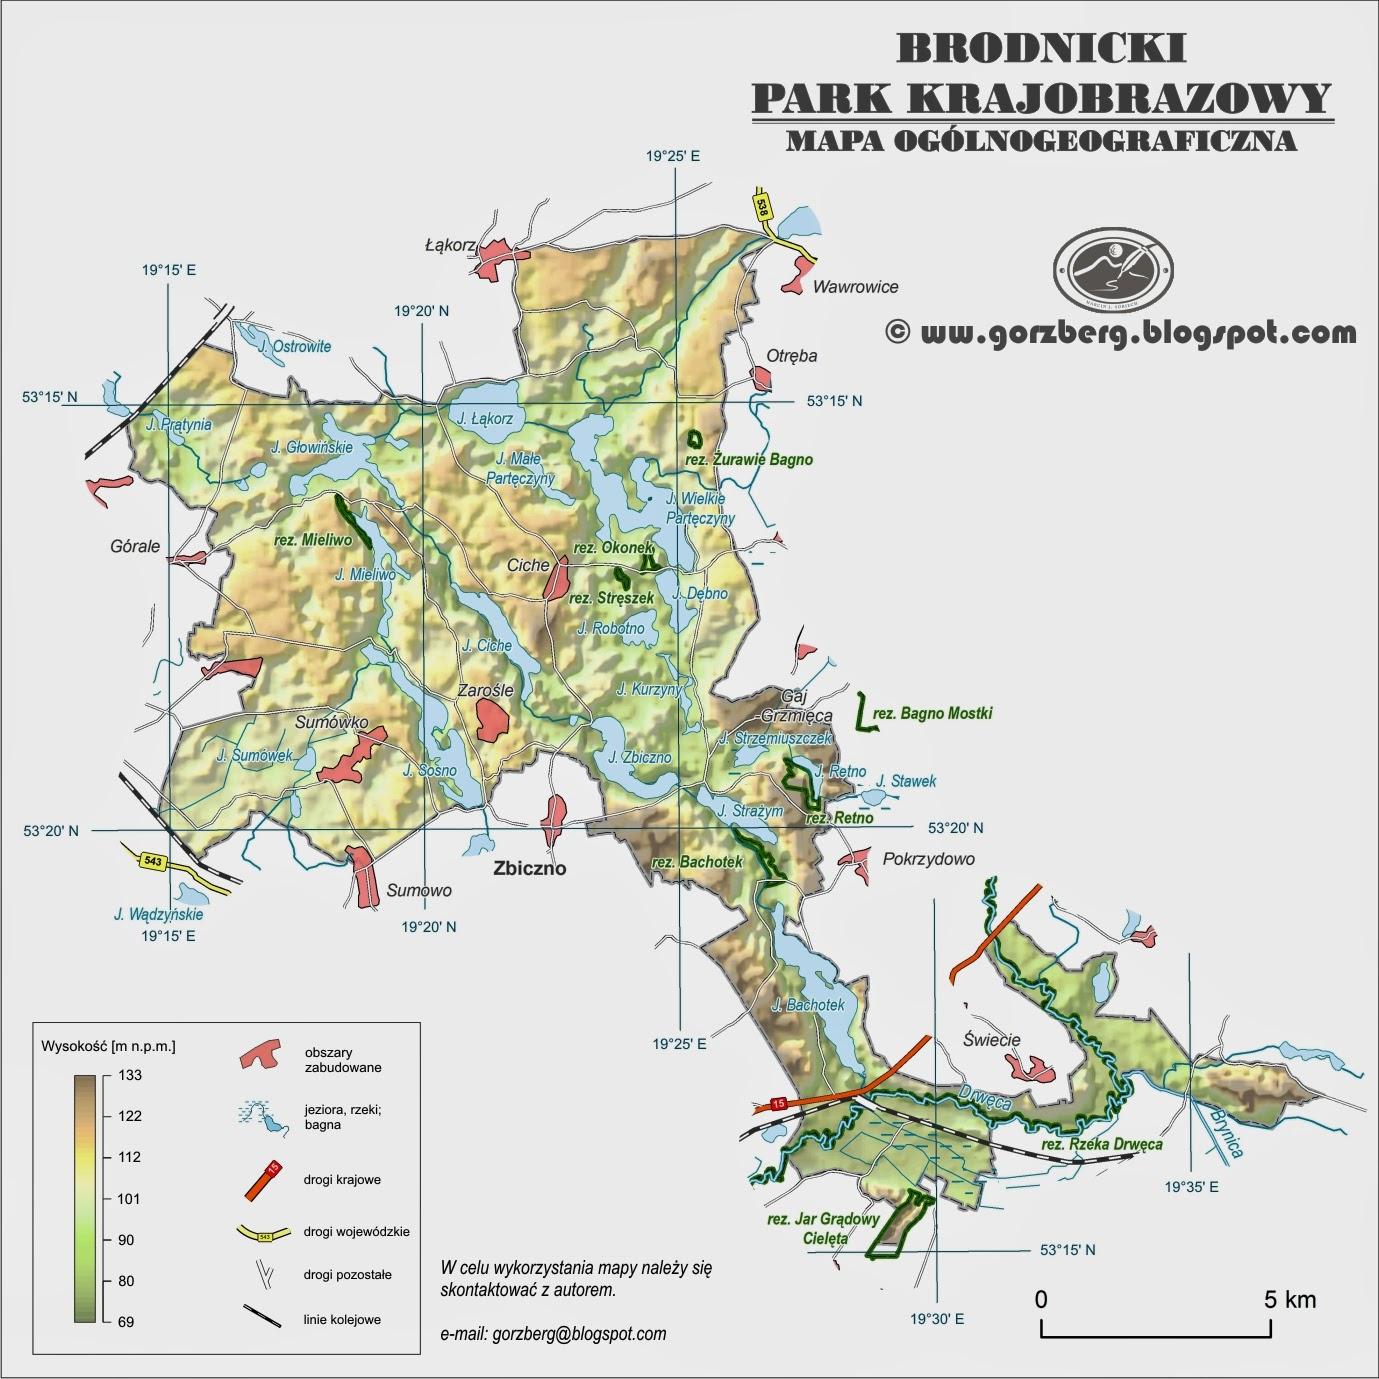 Mapa ogólnogeograficzna Brodnickiego Parku Krajobrazowego